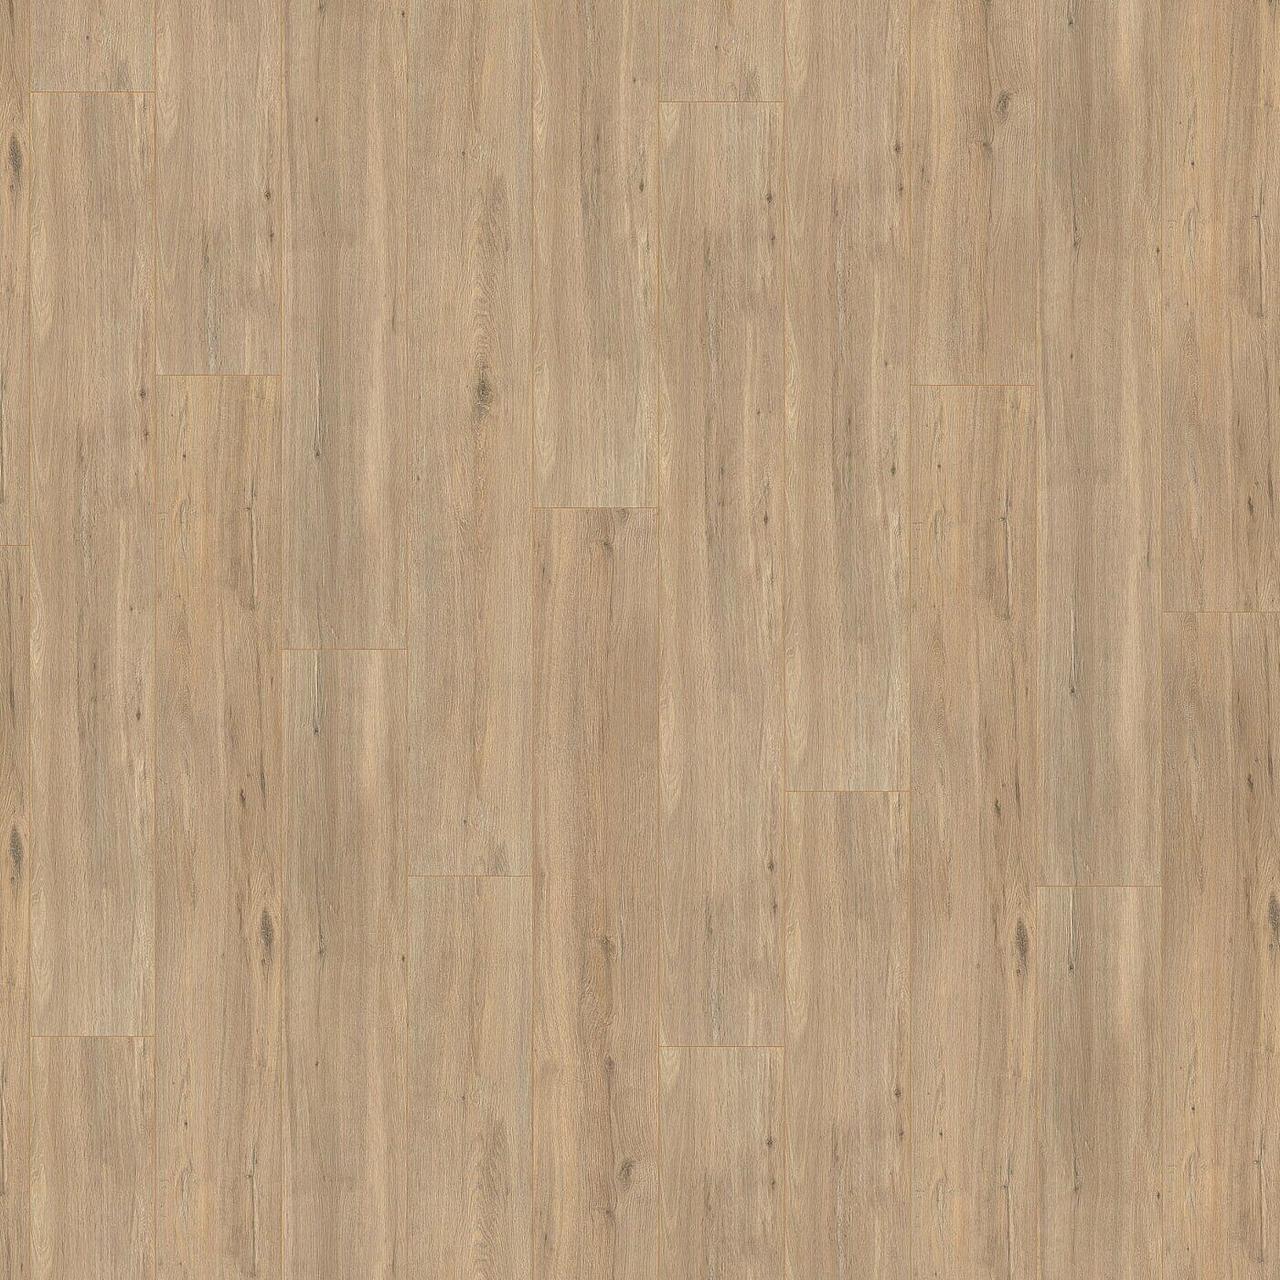 Ламінат WINEO Дуб дикий золотисто-коричневий